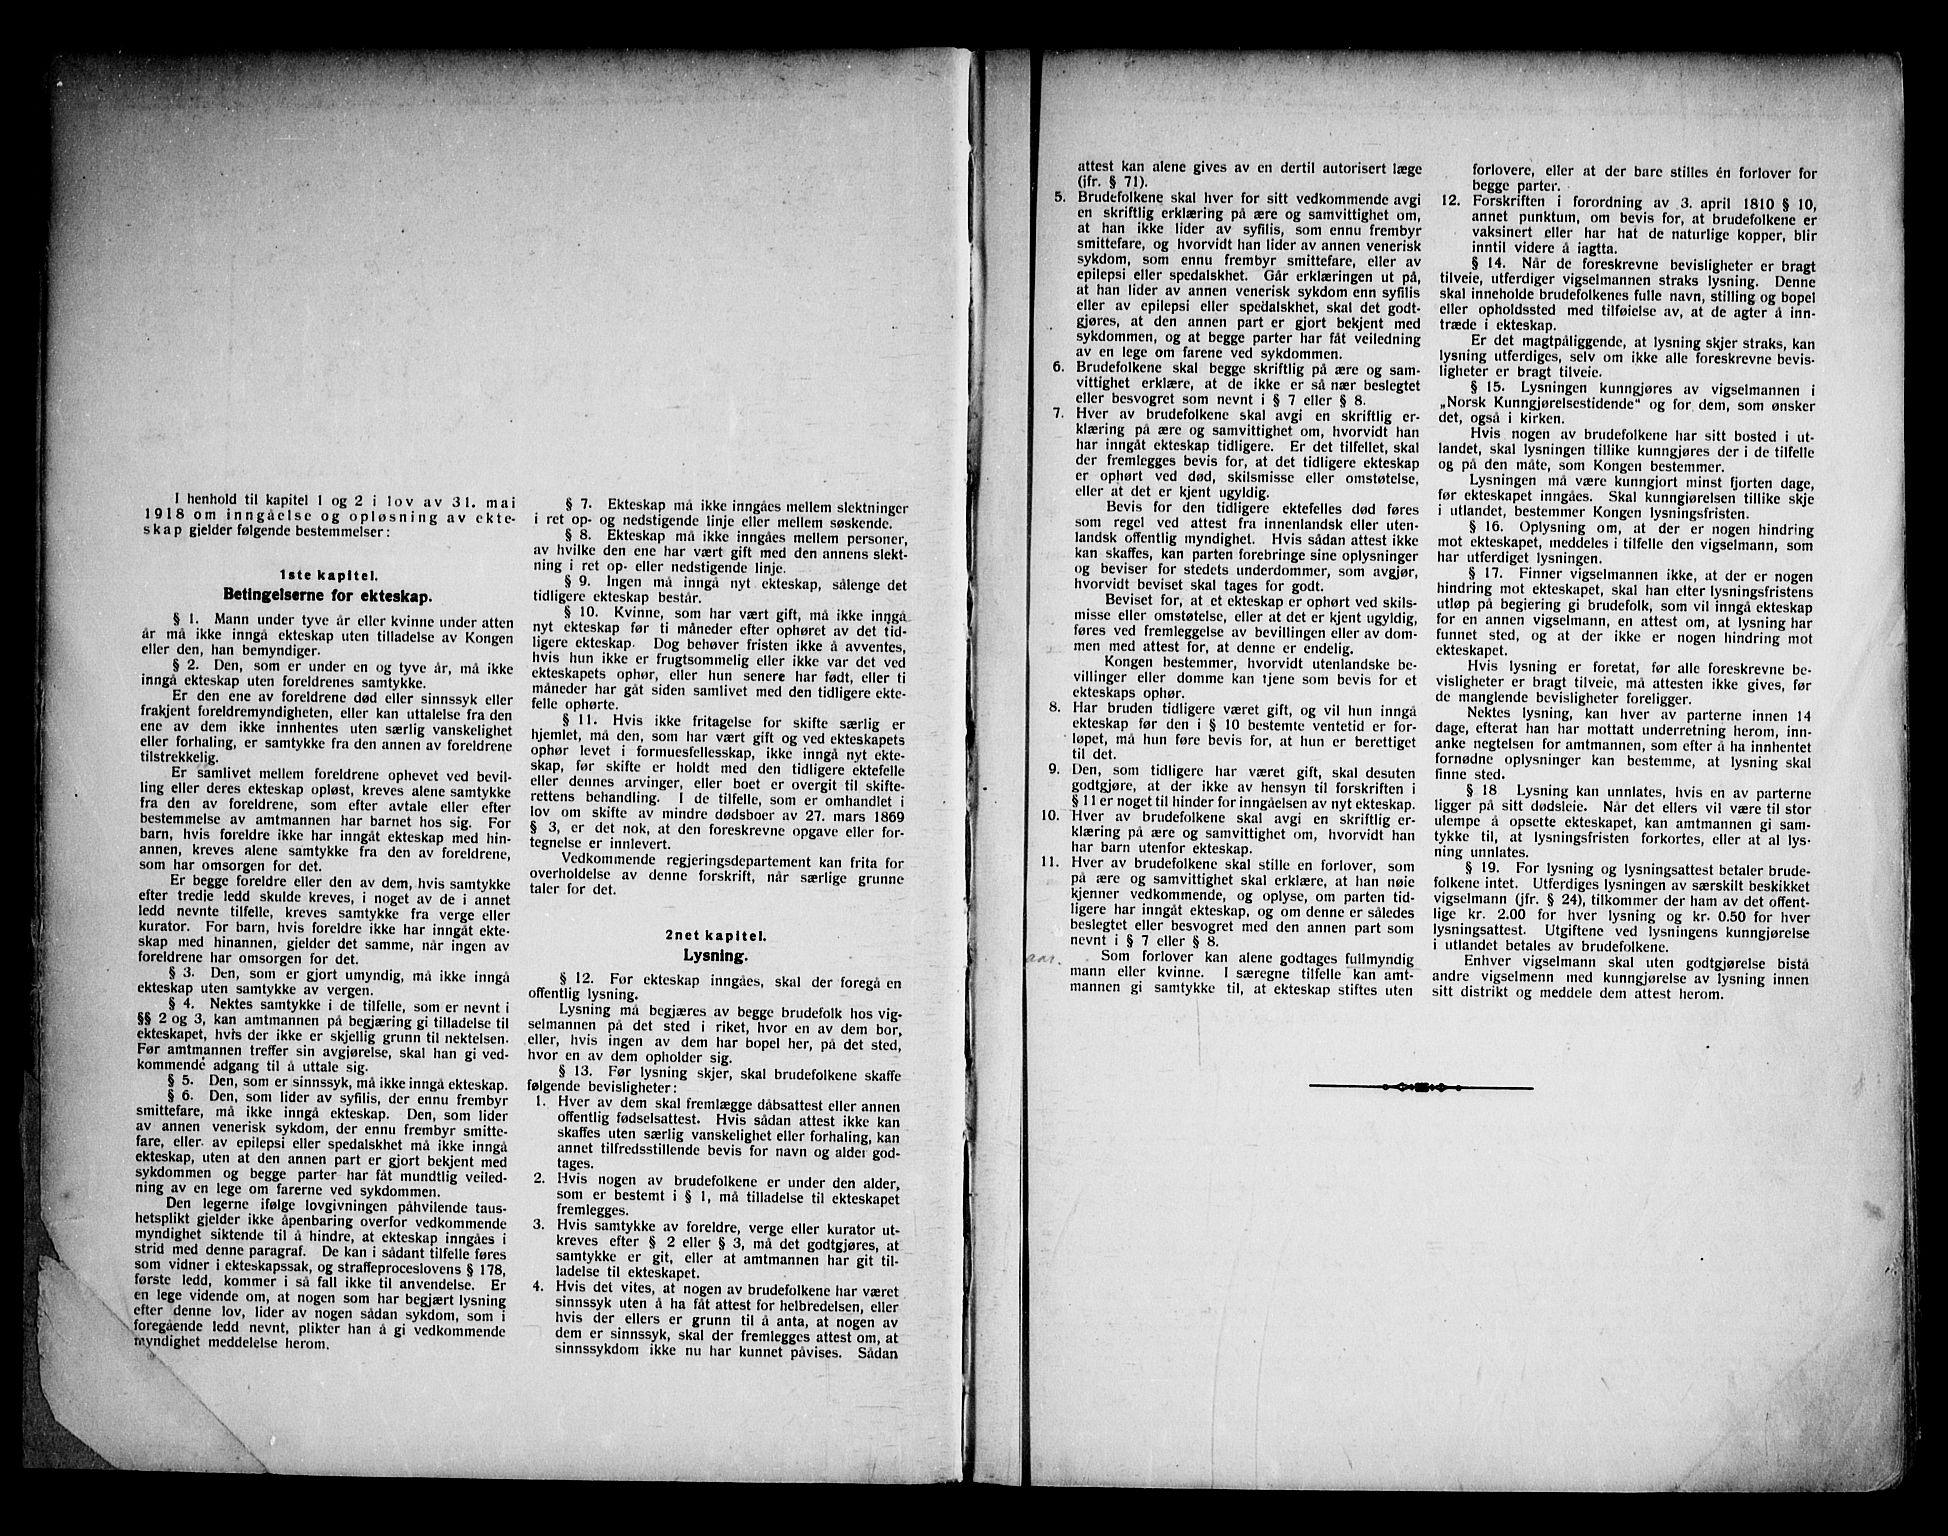 SAKO, Lunde kirkebøker, H/Ha/L0001: Lysningsprotokoll nr. 1, 1919-1966